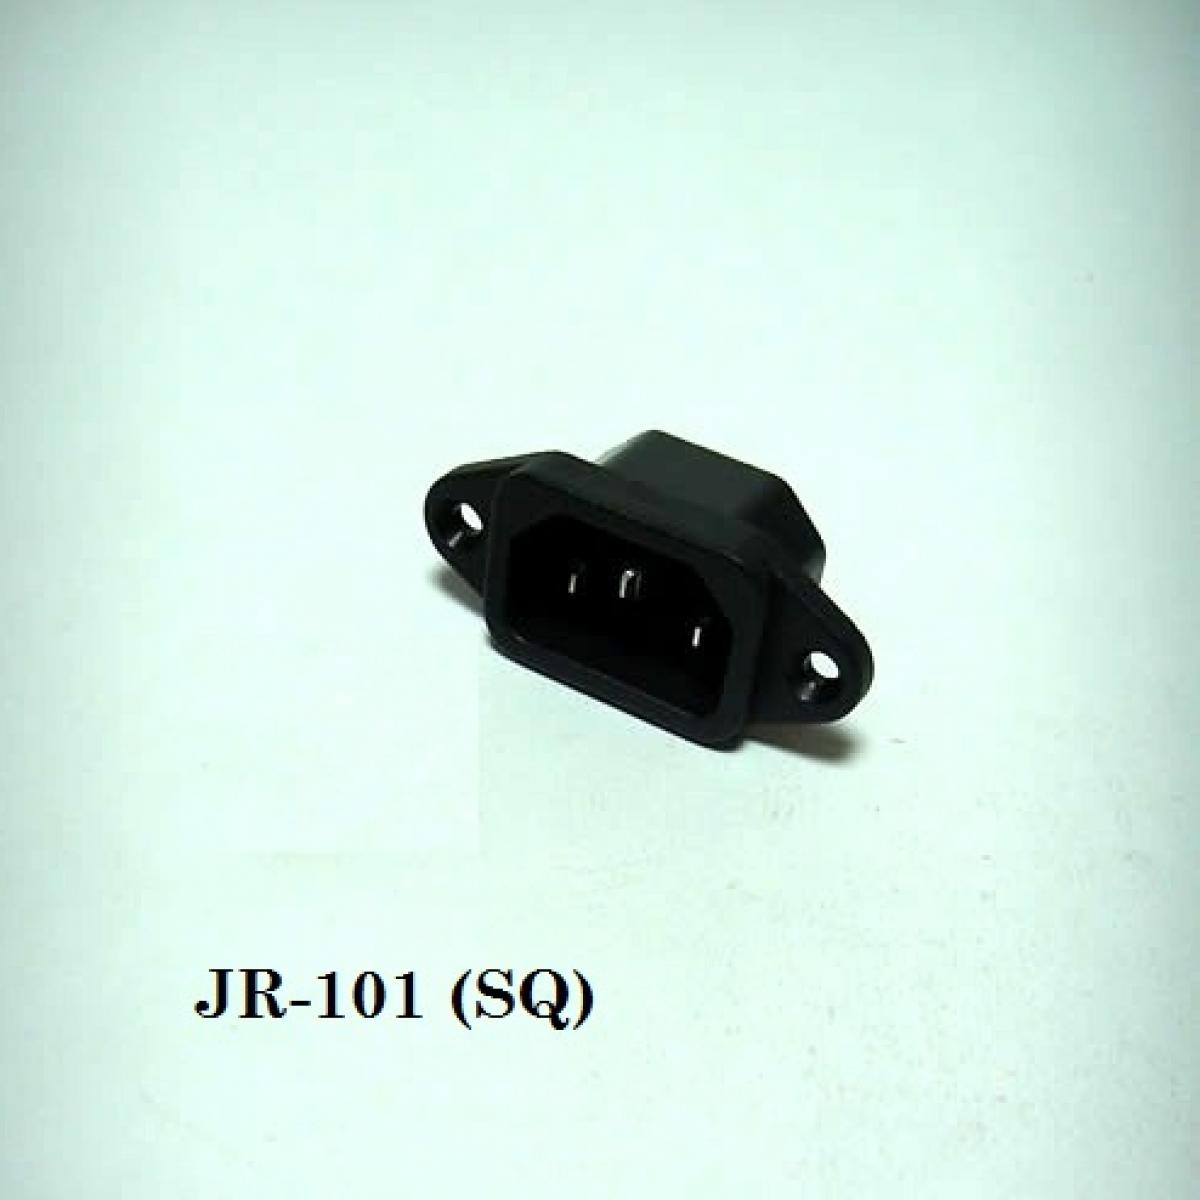 JR-101 (SQ) PANEL ERKEK VİDALI KONNEKTOR